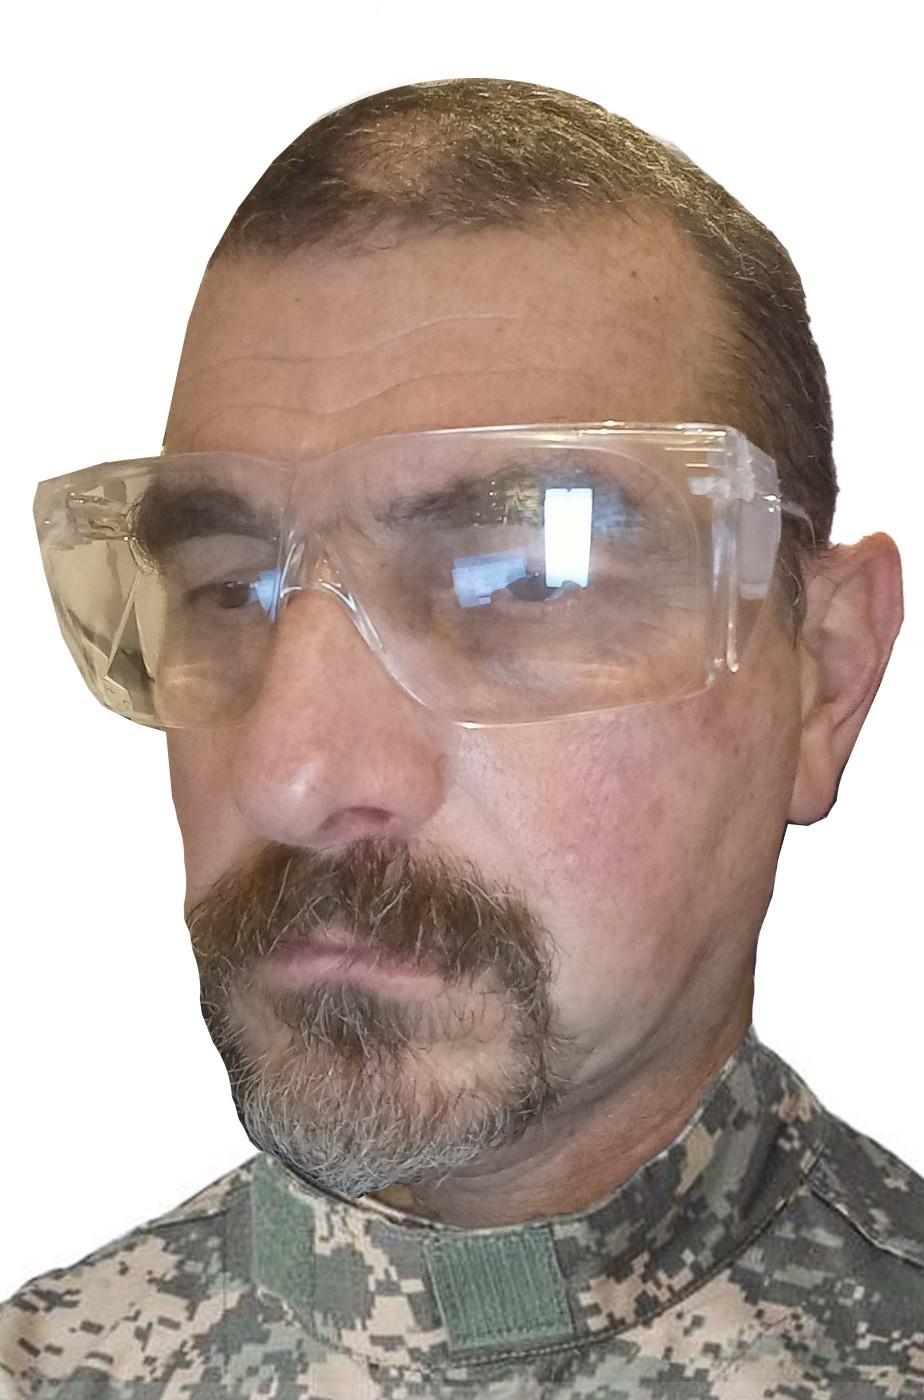 Occhiali trasparenti di plastica senza colore con protezioni laterali